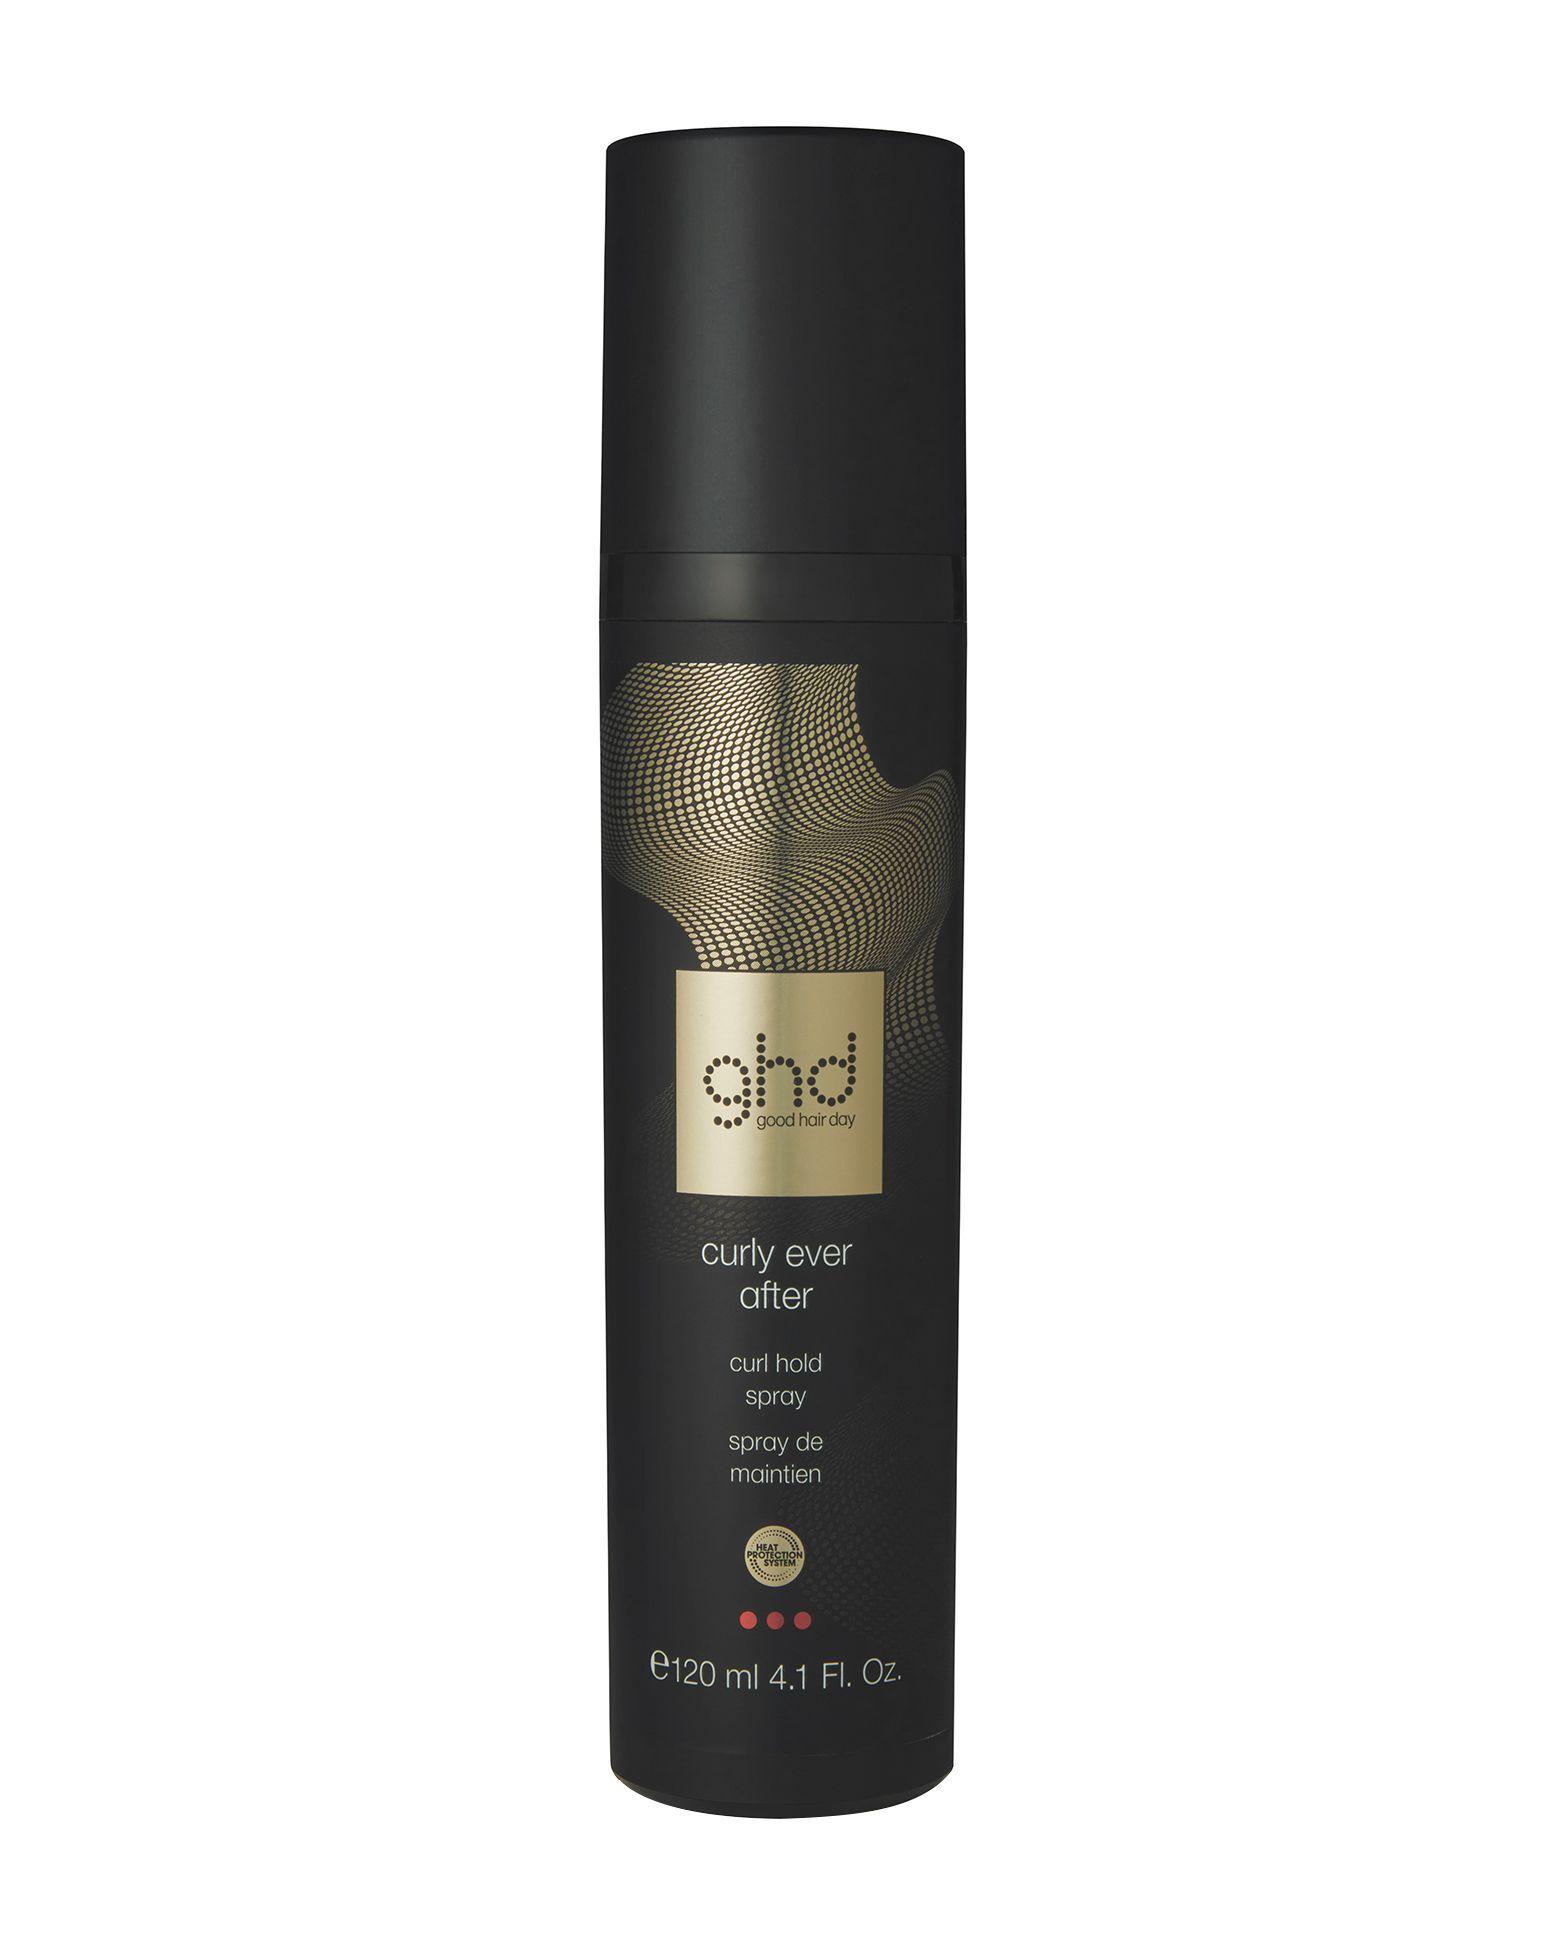 ghd Curl Hold Spray - 120ml